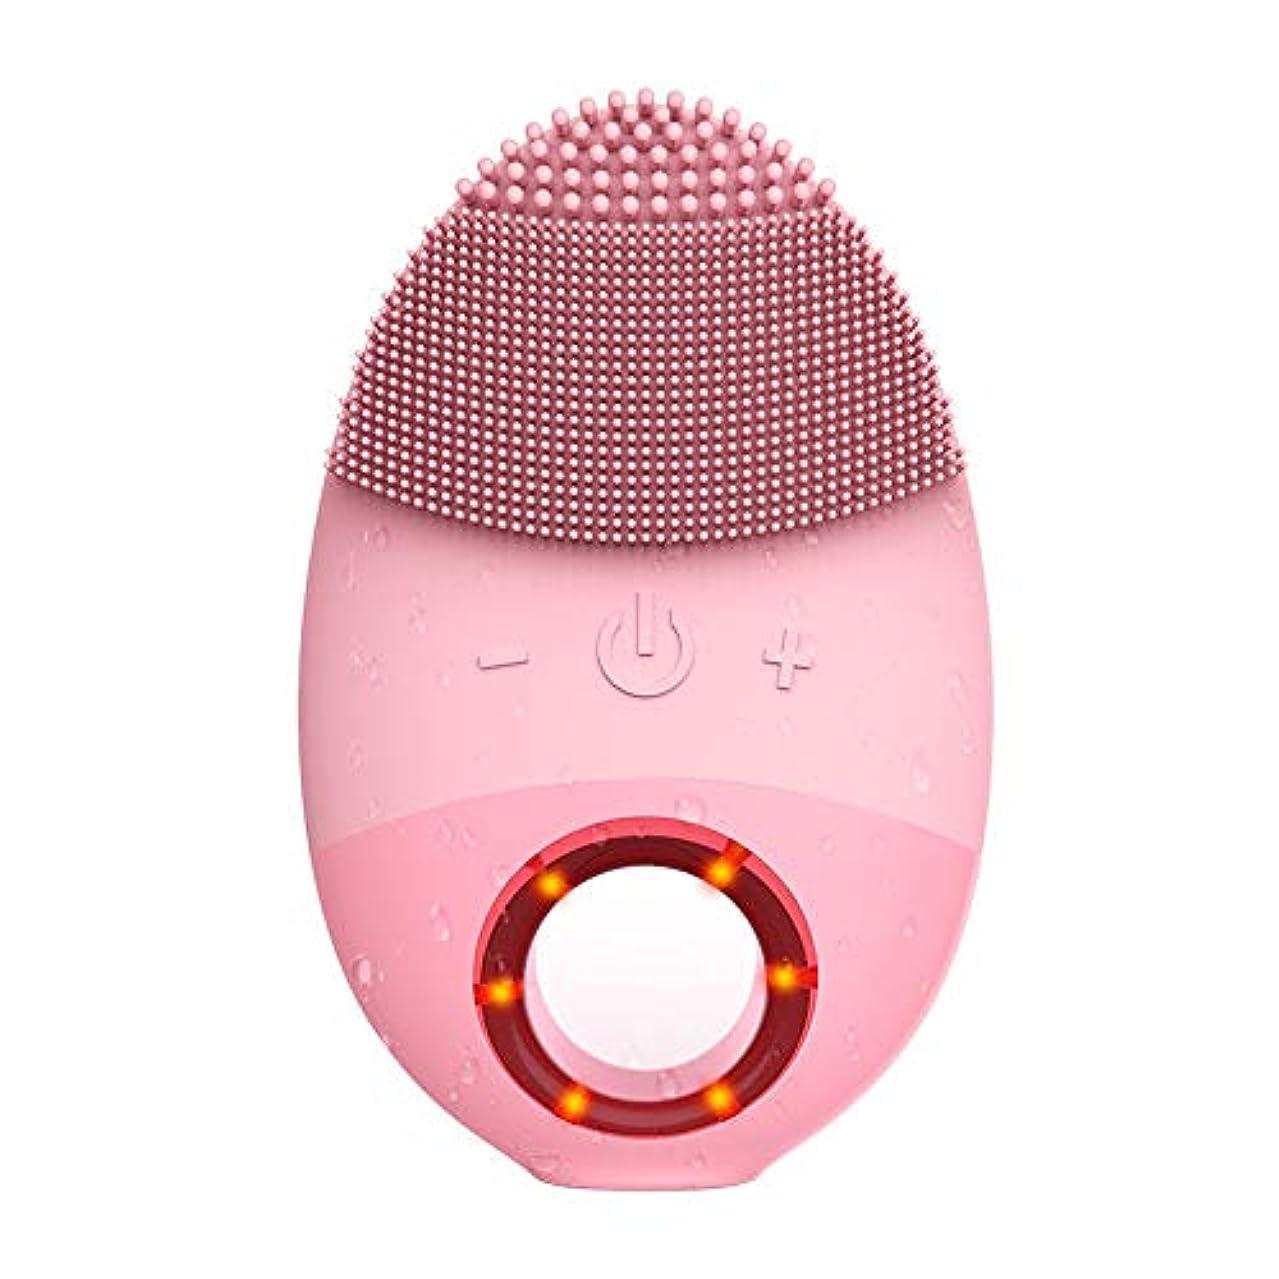 名前を作る味方糞ZXF 多機能シリコン防水洗浄ブラシ超音波振動洗浄器具美容器具マッサージ器具洗浄器具 滑らかである (色 : Pink)